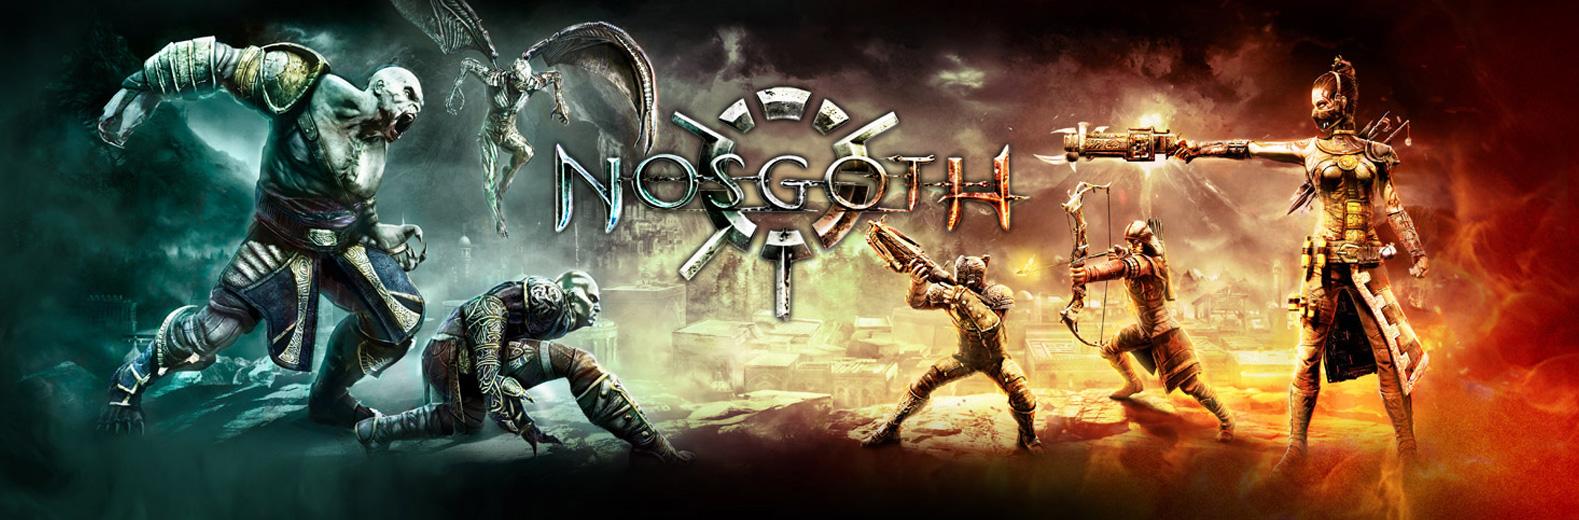 Nosgoth | Rock Paper Shotgun